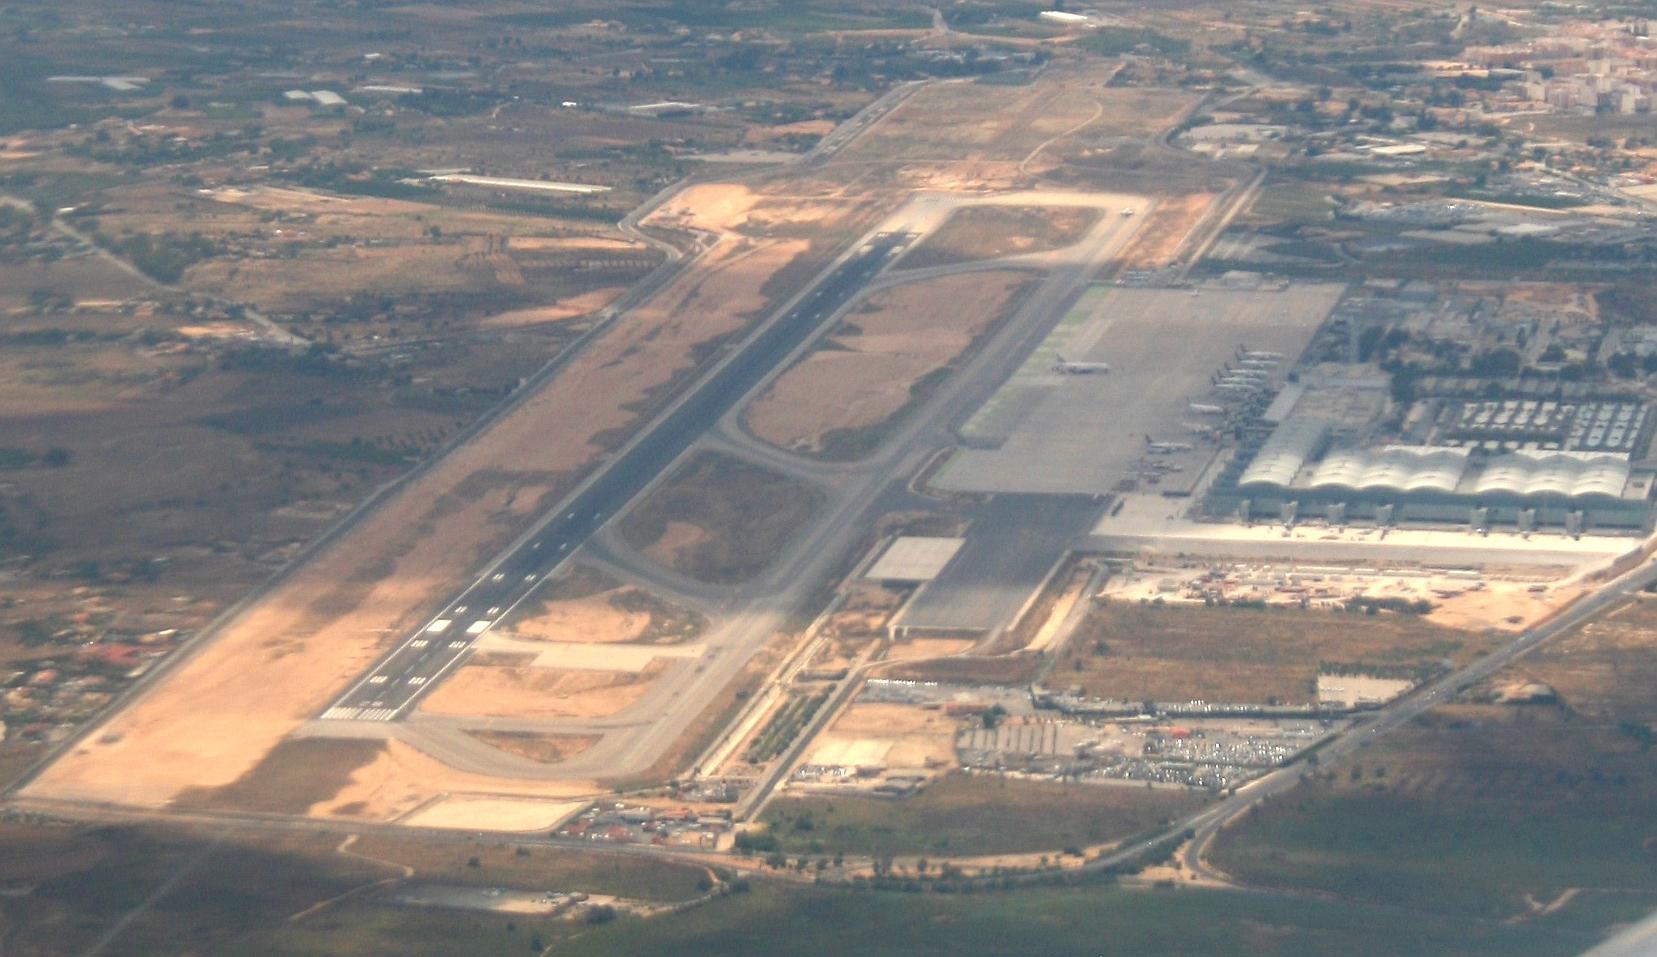 Aeroporto Alicante : File alicante airport g